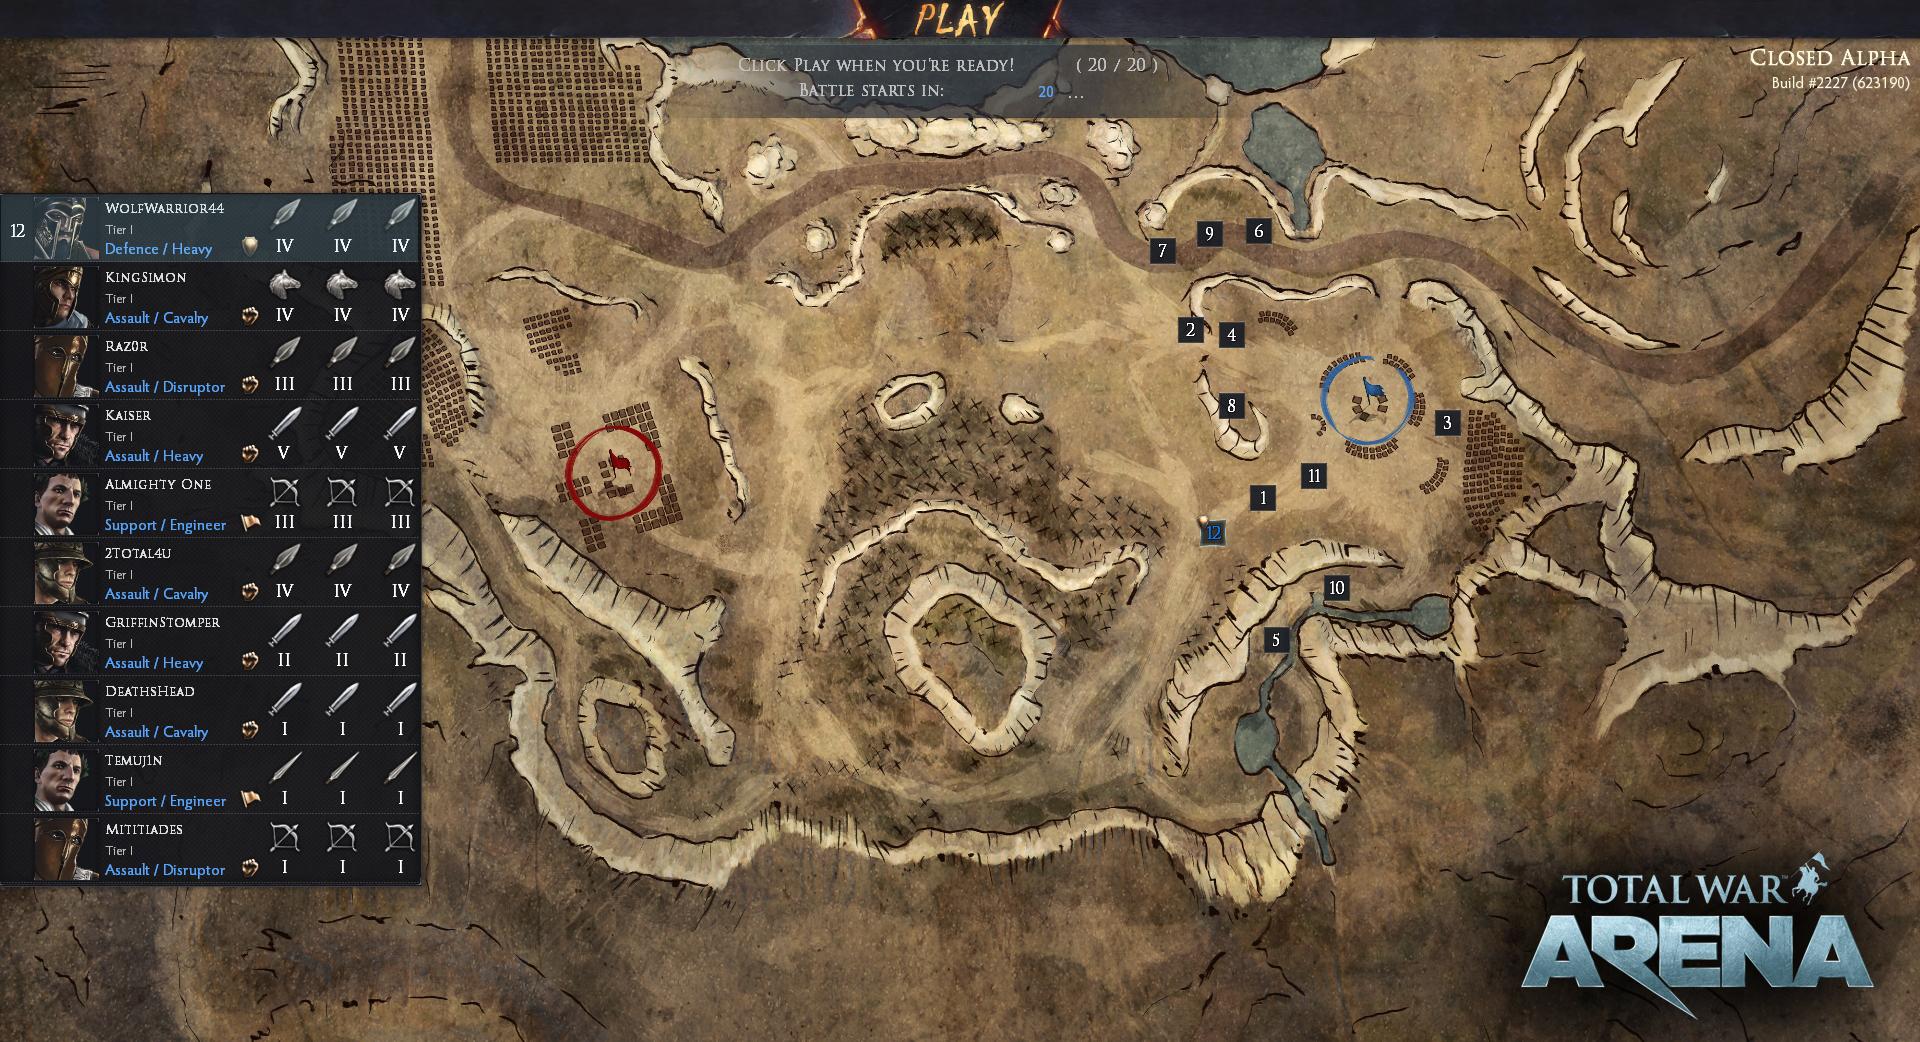 buy Total War arena beta key